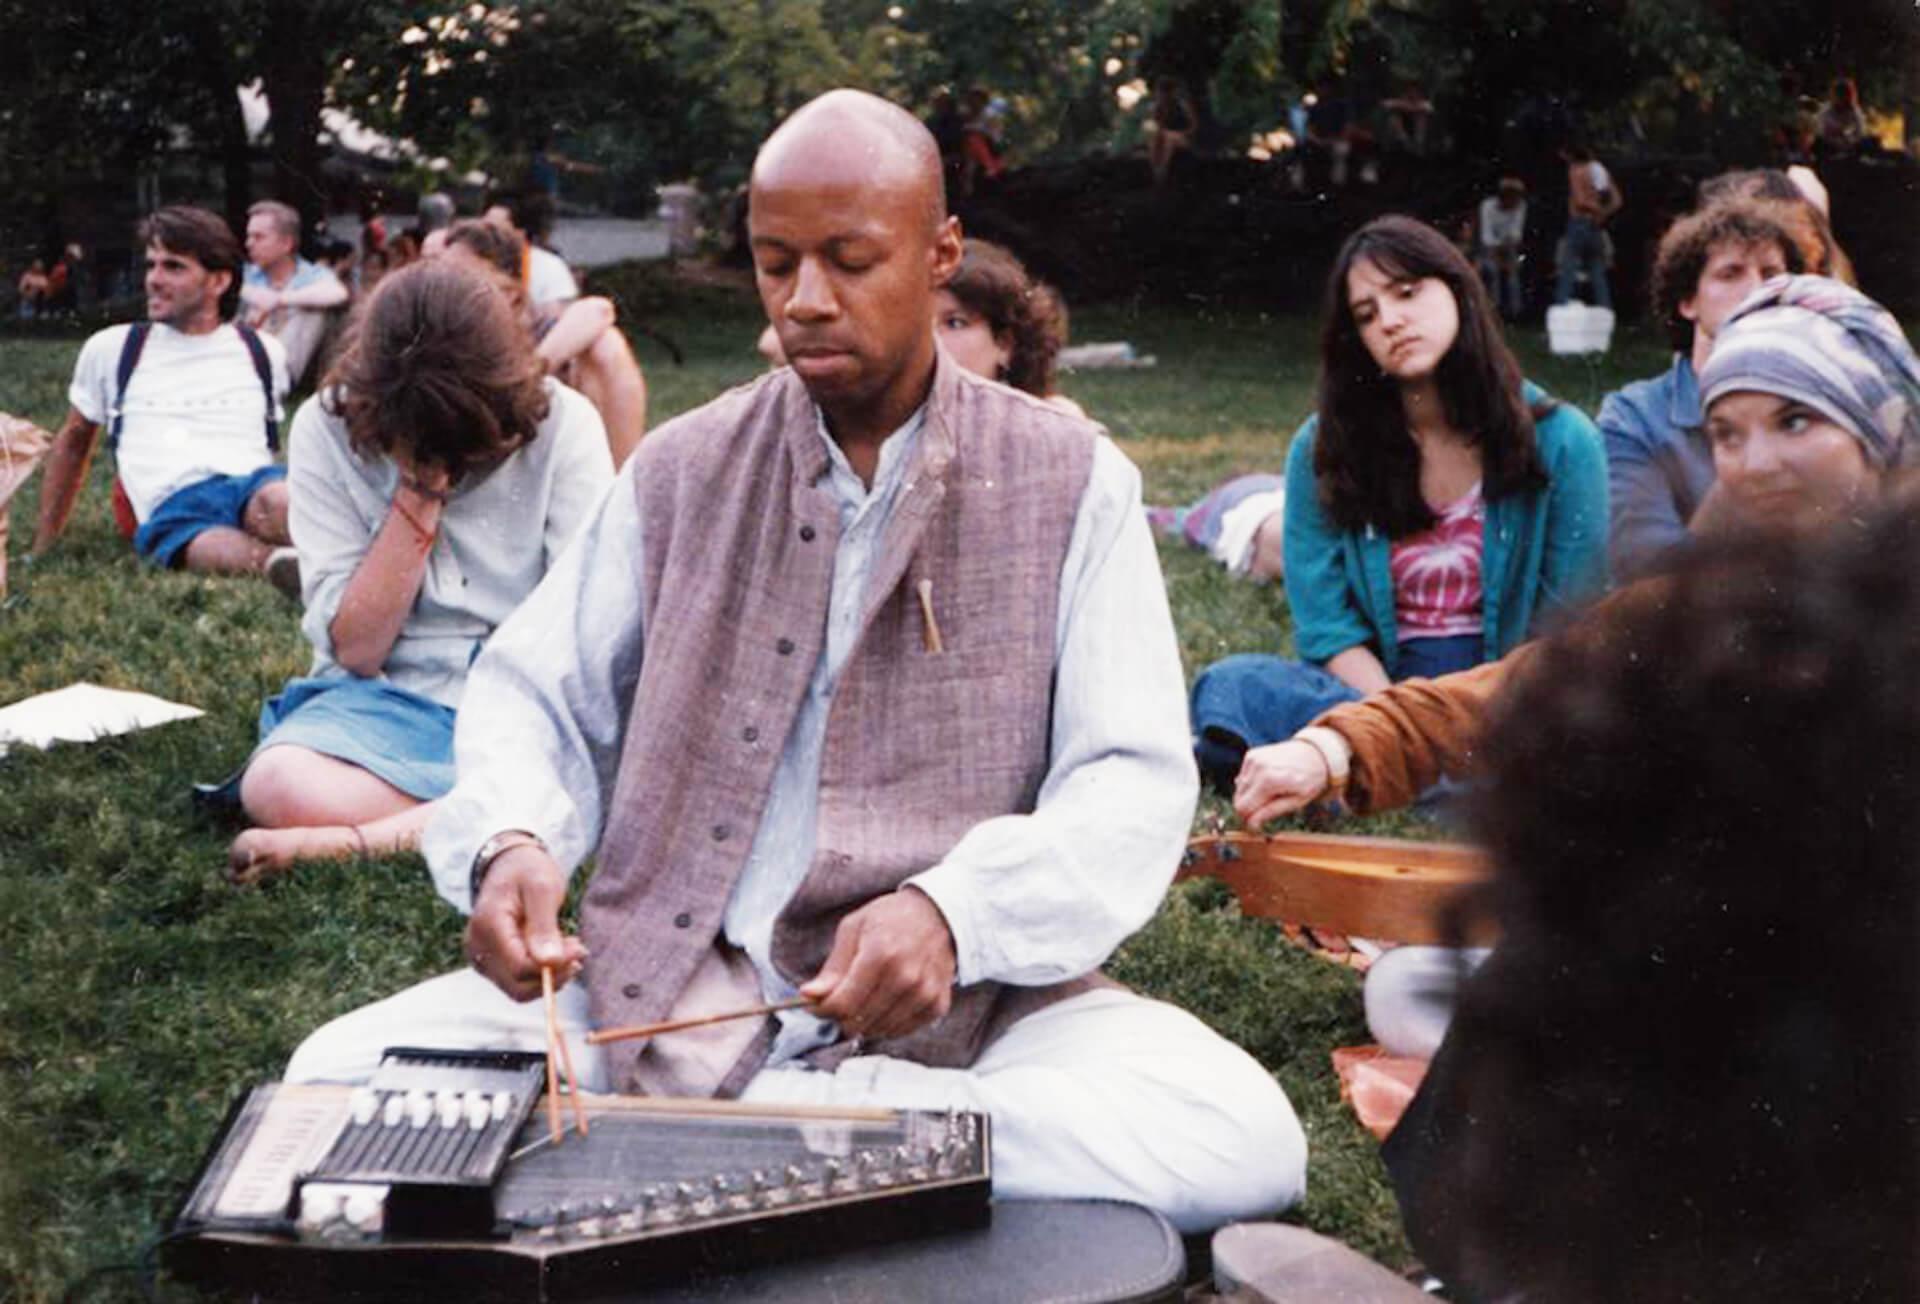 蘇るニューエイジ・アンビエントの煌めき!NYの生ける伝説LaraajiがBrian Enoとの名作『Ambient 3:Day Of Radiance』のセットを携えた再来日ツアーを11月に開催 music190913-laraaji-2